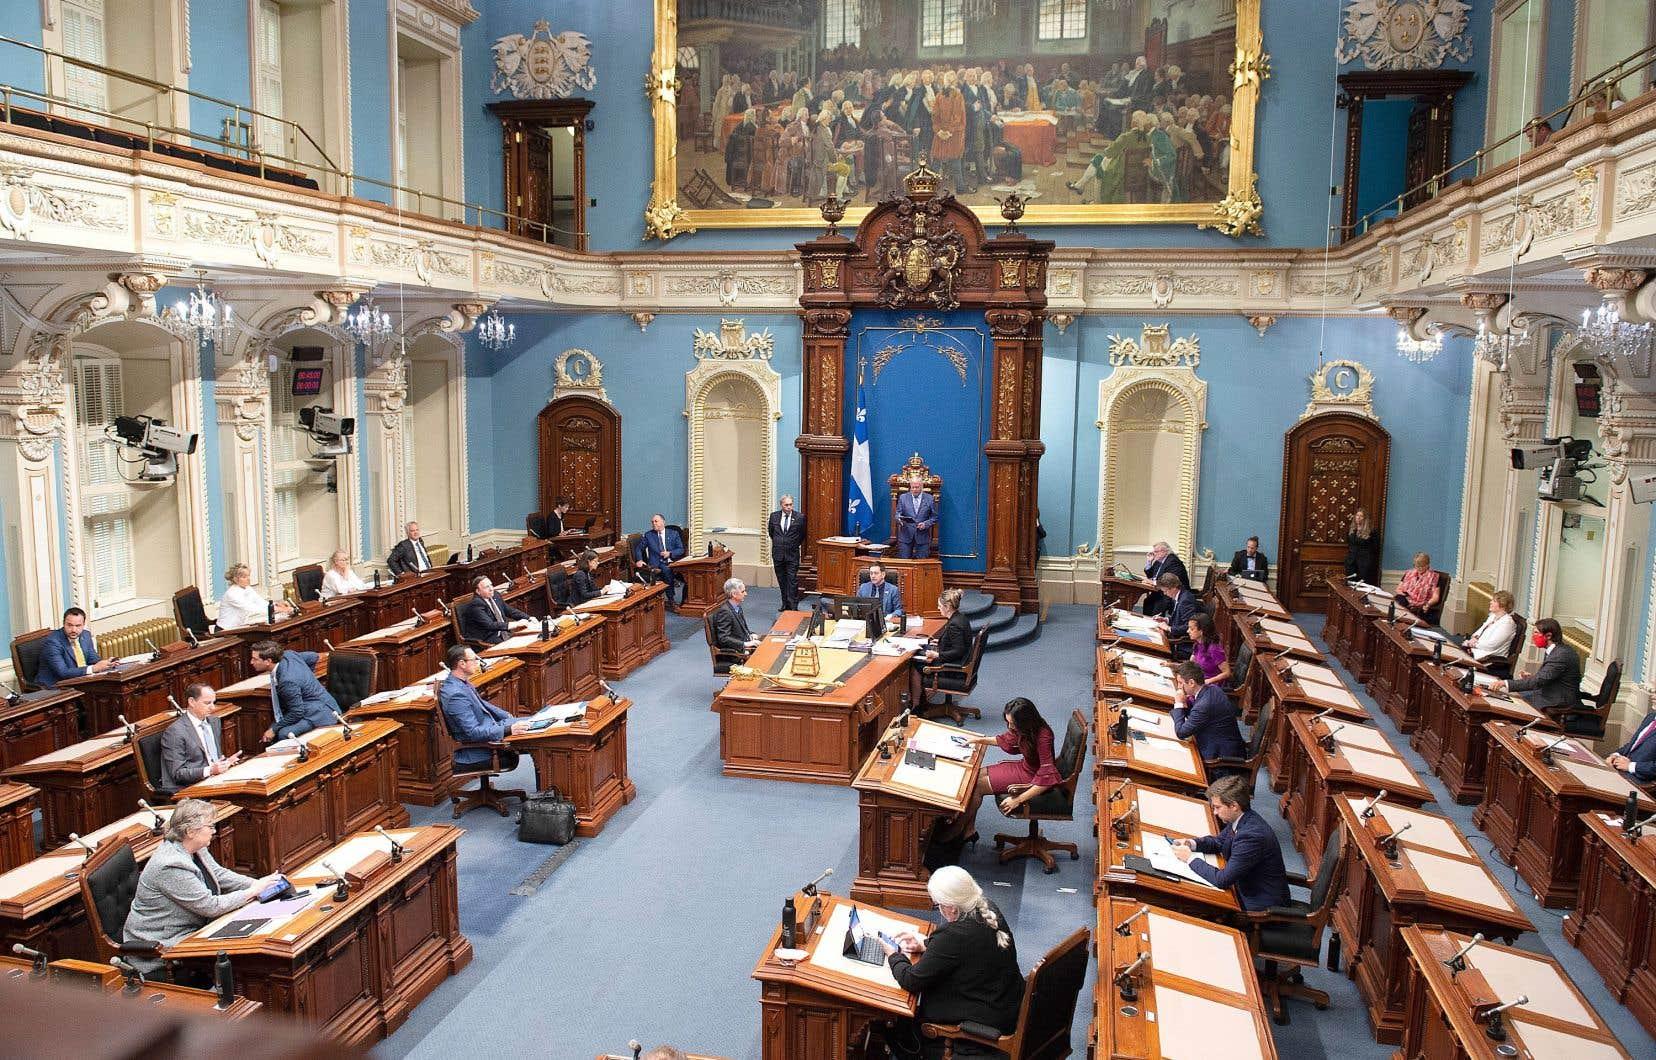 Déposé à l'automne 2019, le projet de loi 39 visant à établir un nouveau mode de scrutin prévoit des mesures pour favoriser la parité à l'Assemblée nationale.